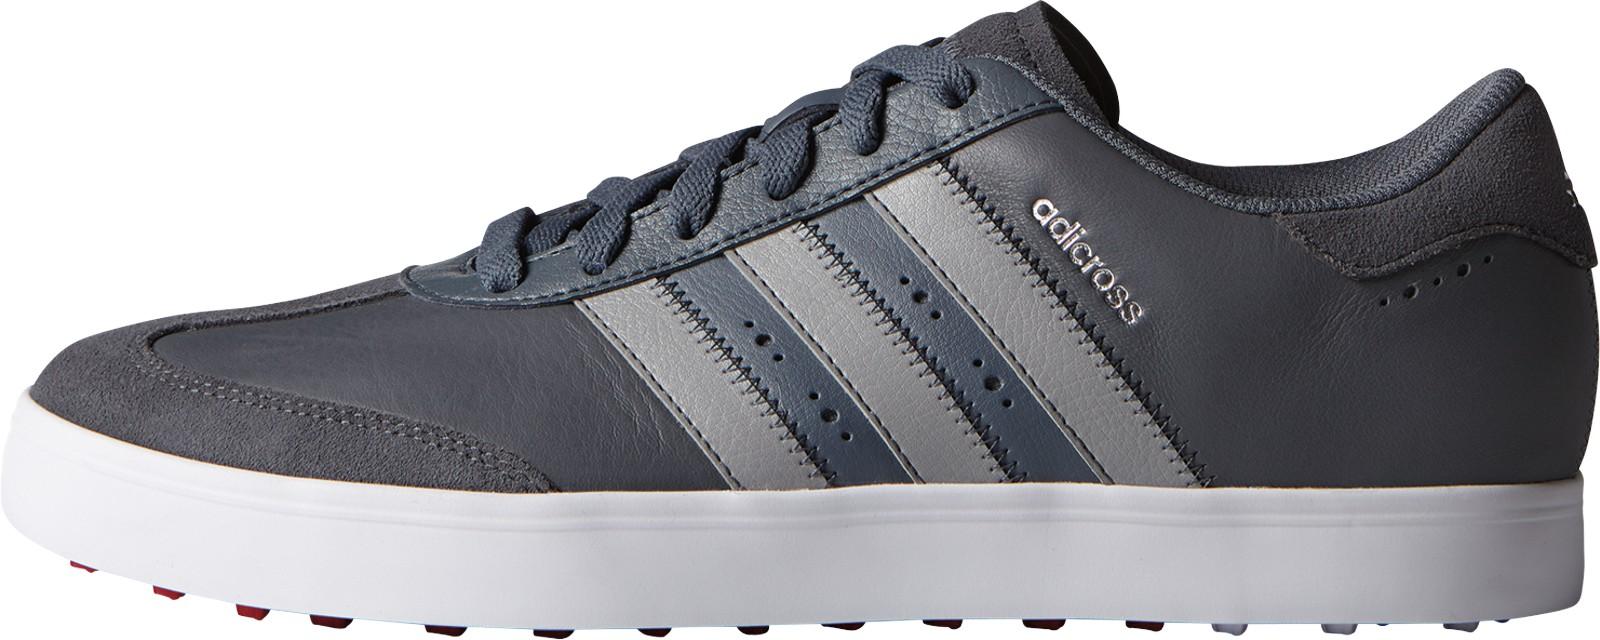 Adidas adicross V pánské boty, šedé standardní, šedá, 6,5